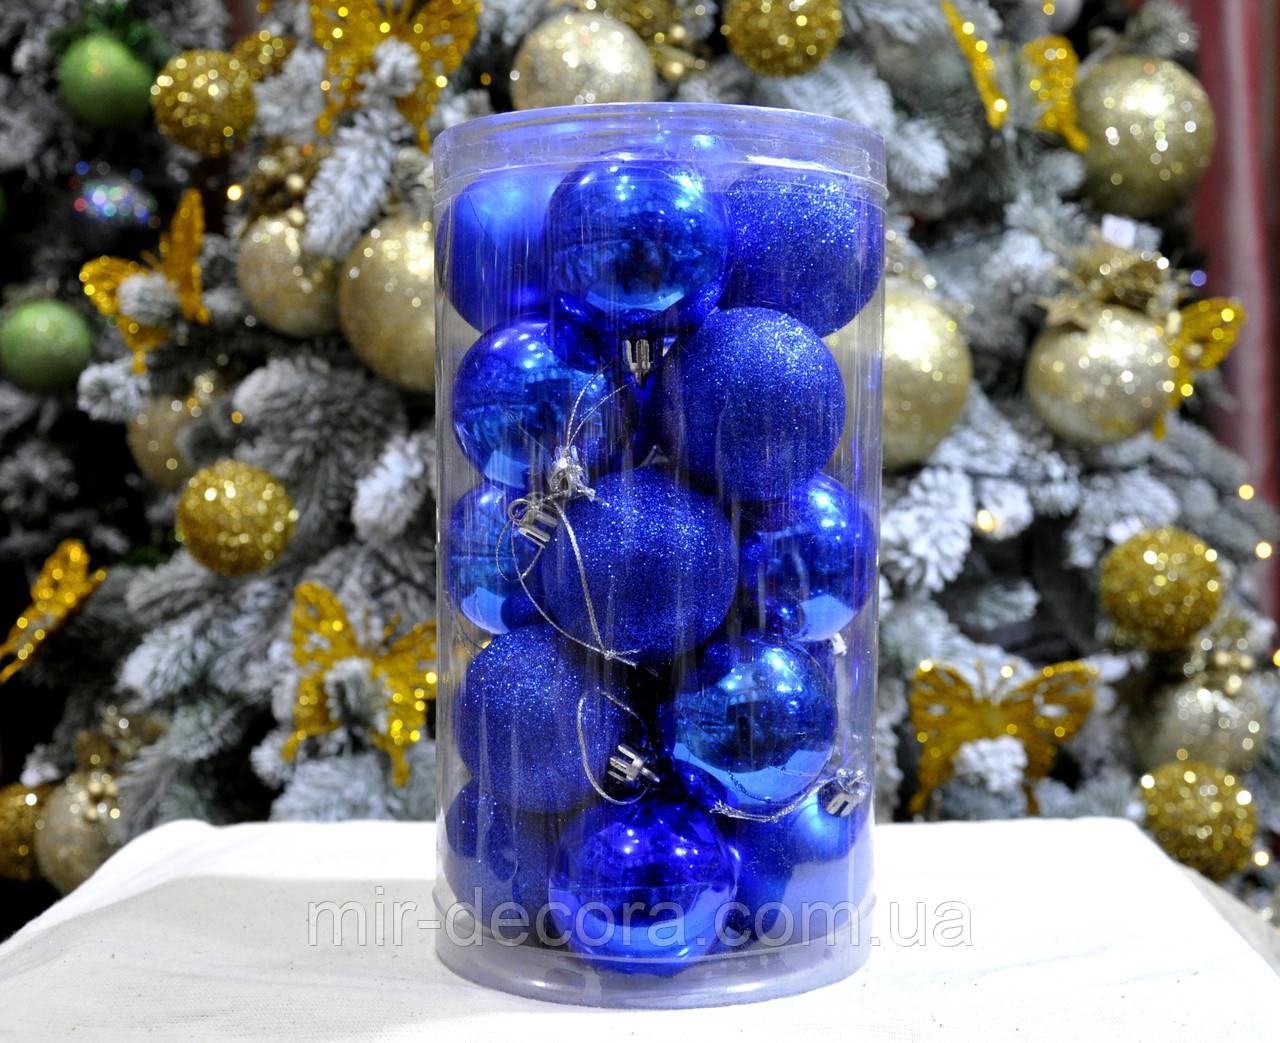 Набор новогодних шаров (пластик) 20 шт, диаметр 50 мм. Цвет синий.